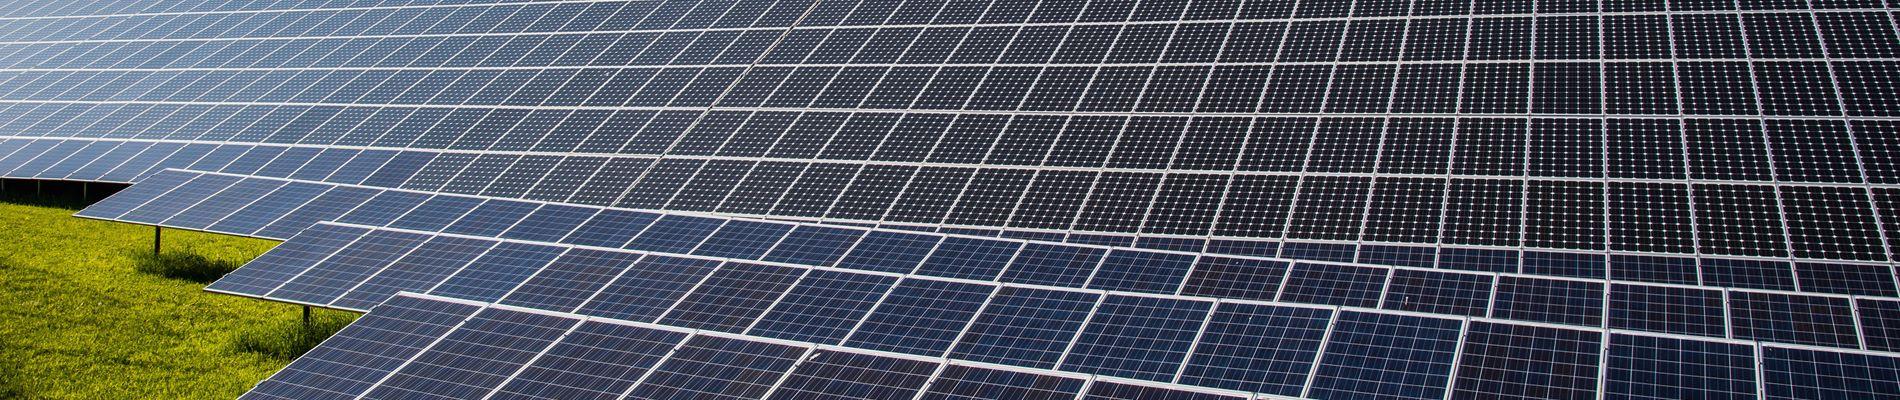 solaranlagen-elektro-soellner-rastatt